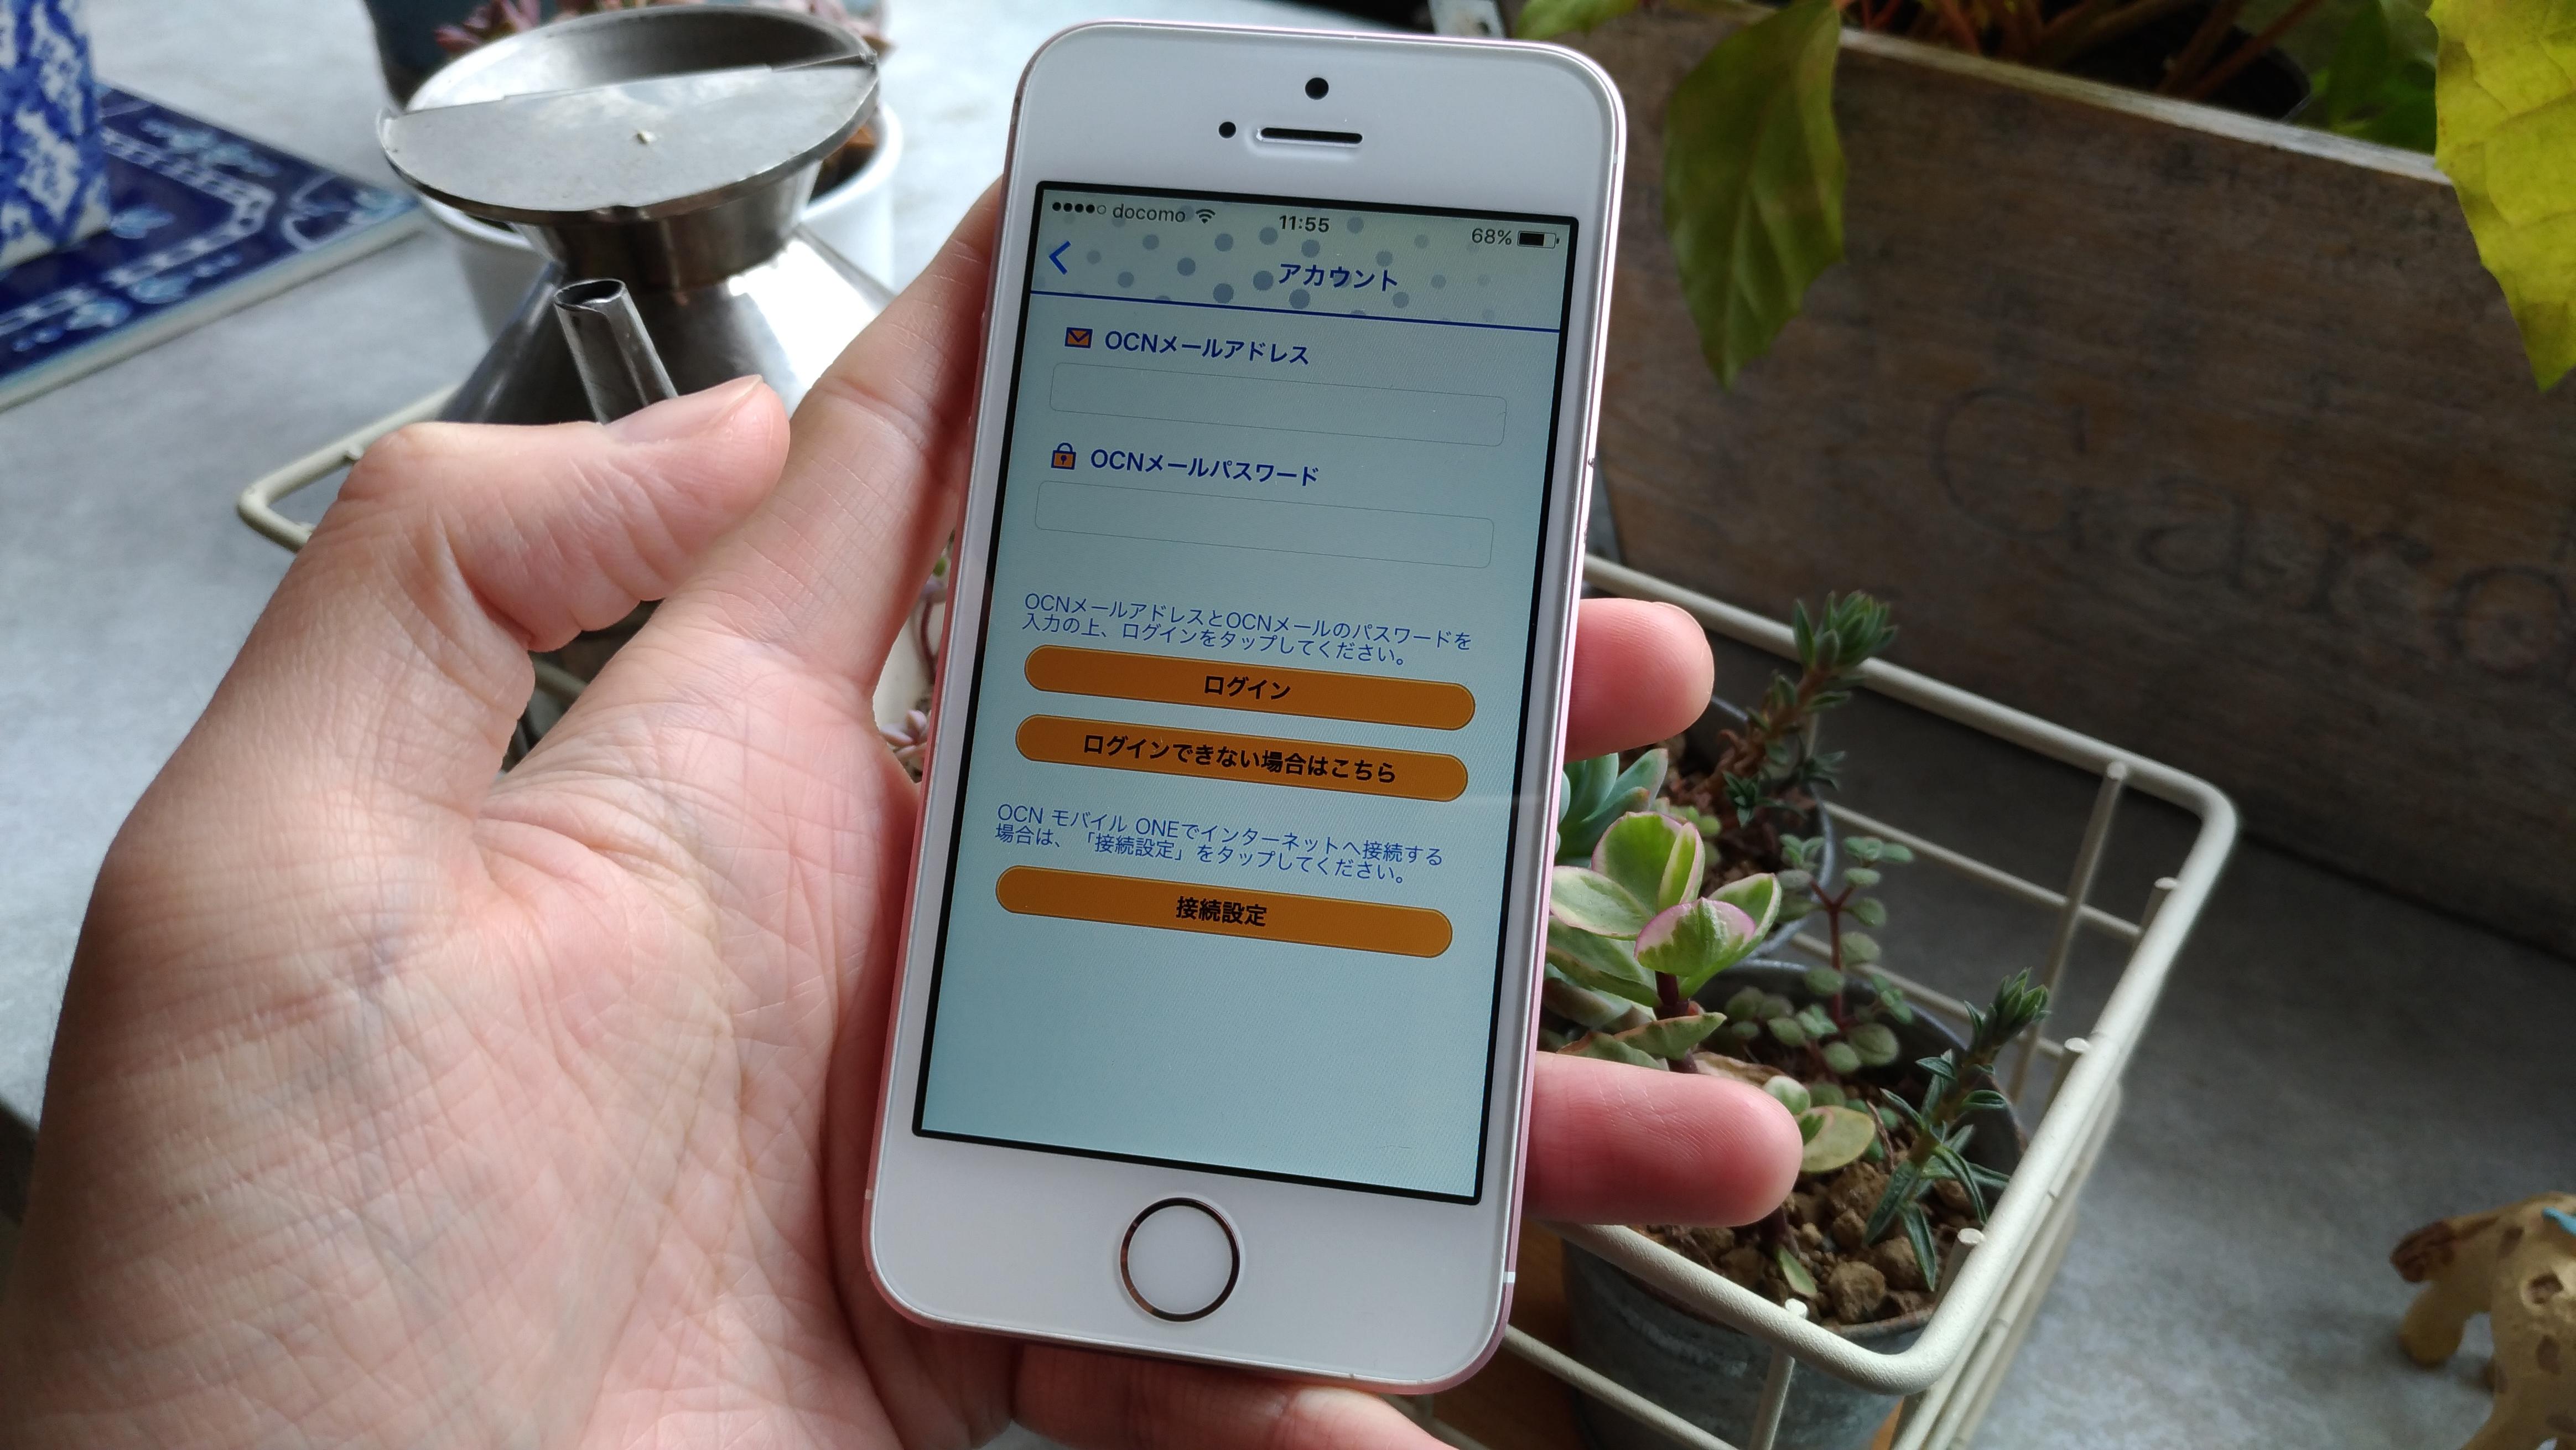 OCNモバイル ONE アプリのログイン方法